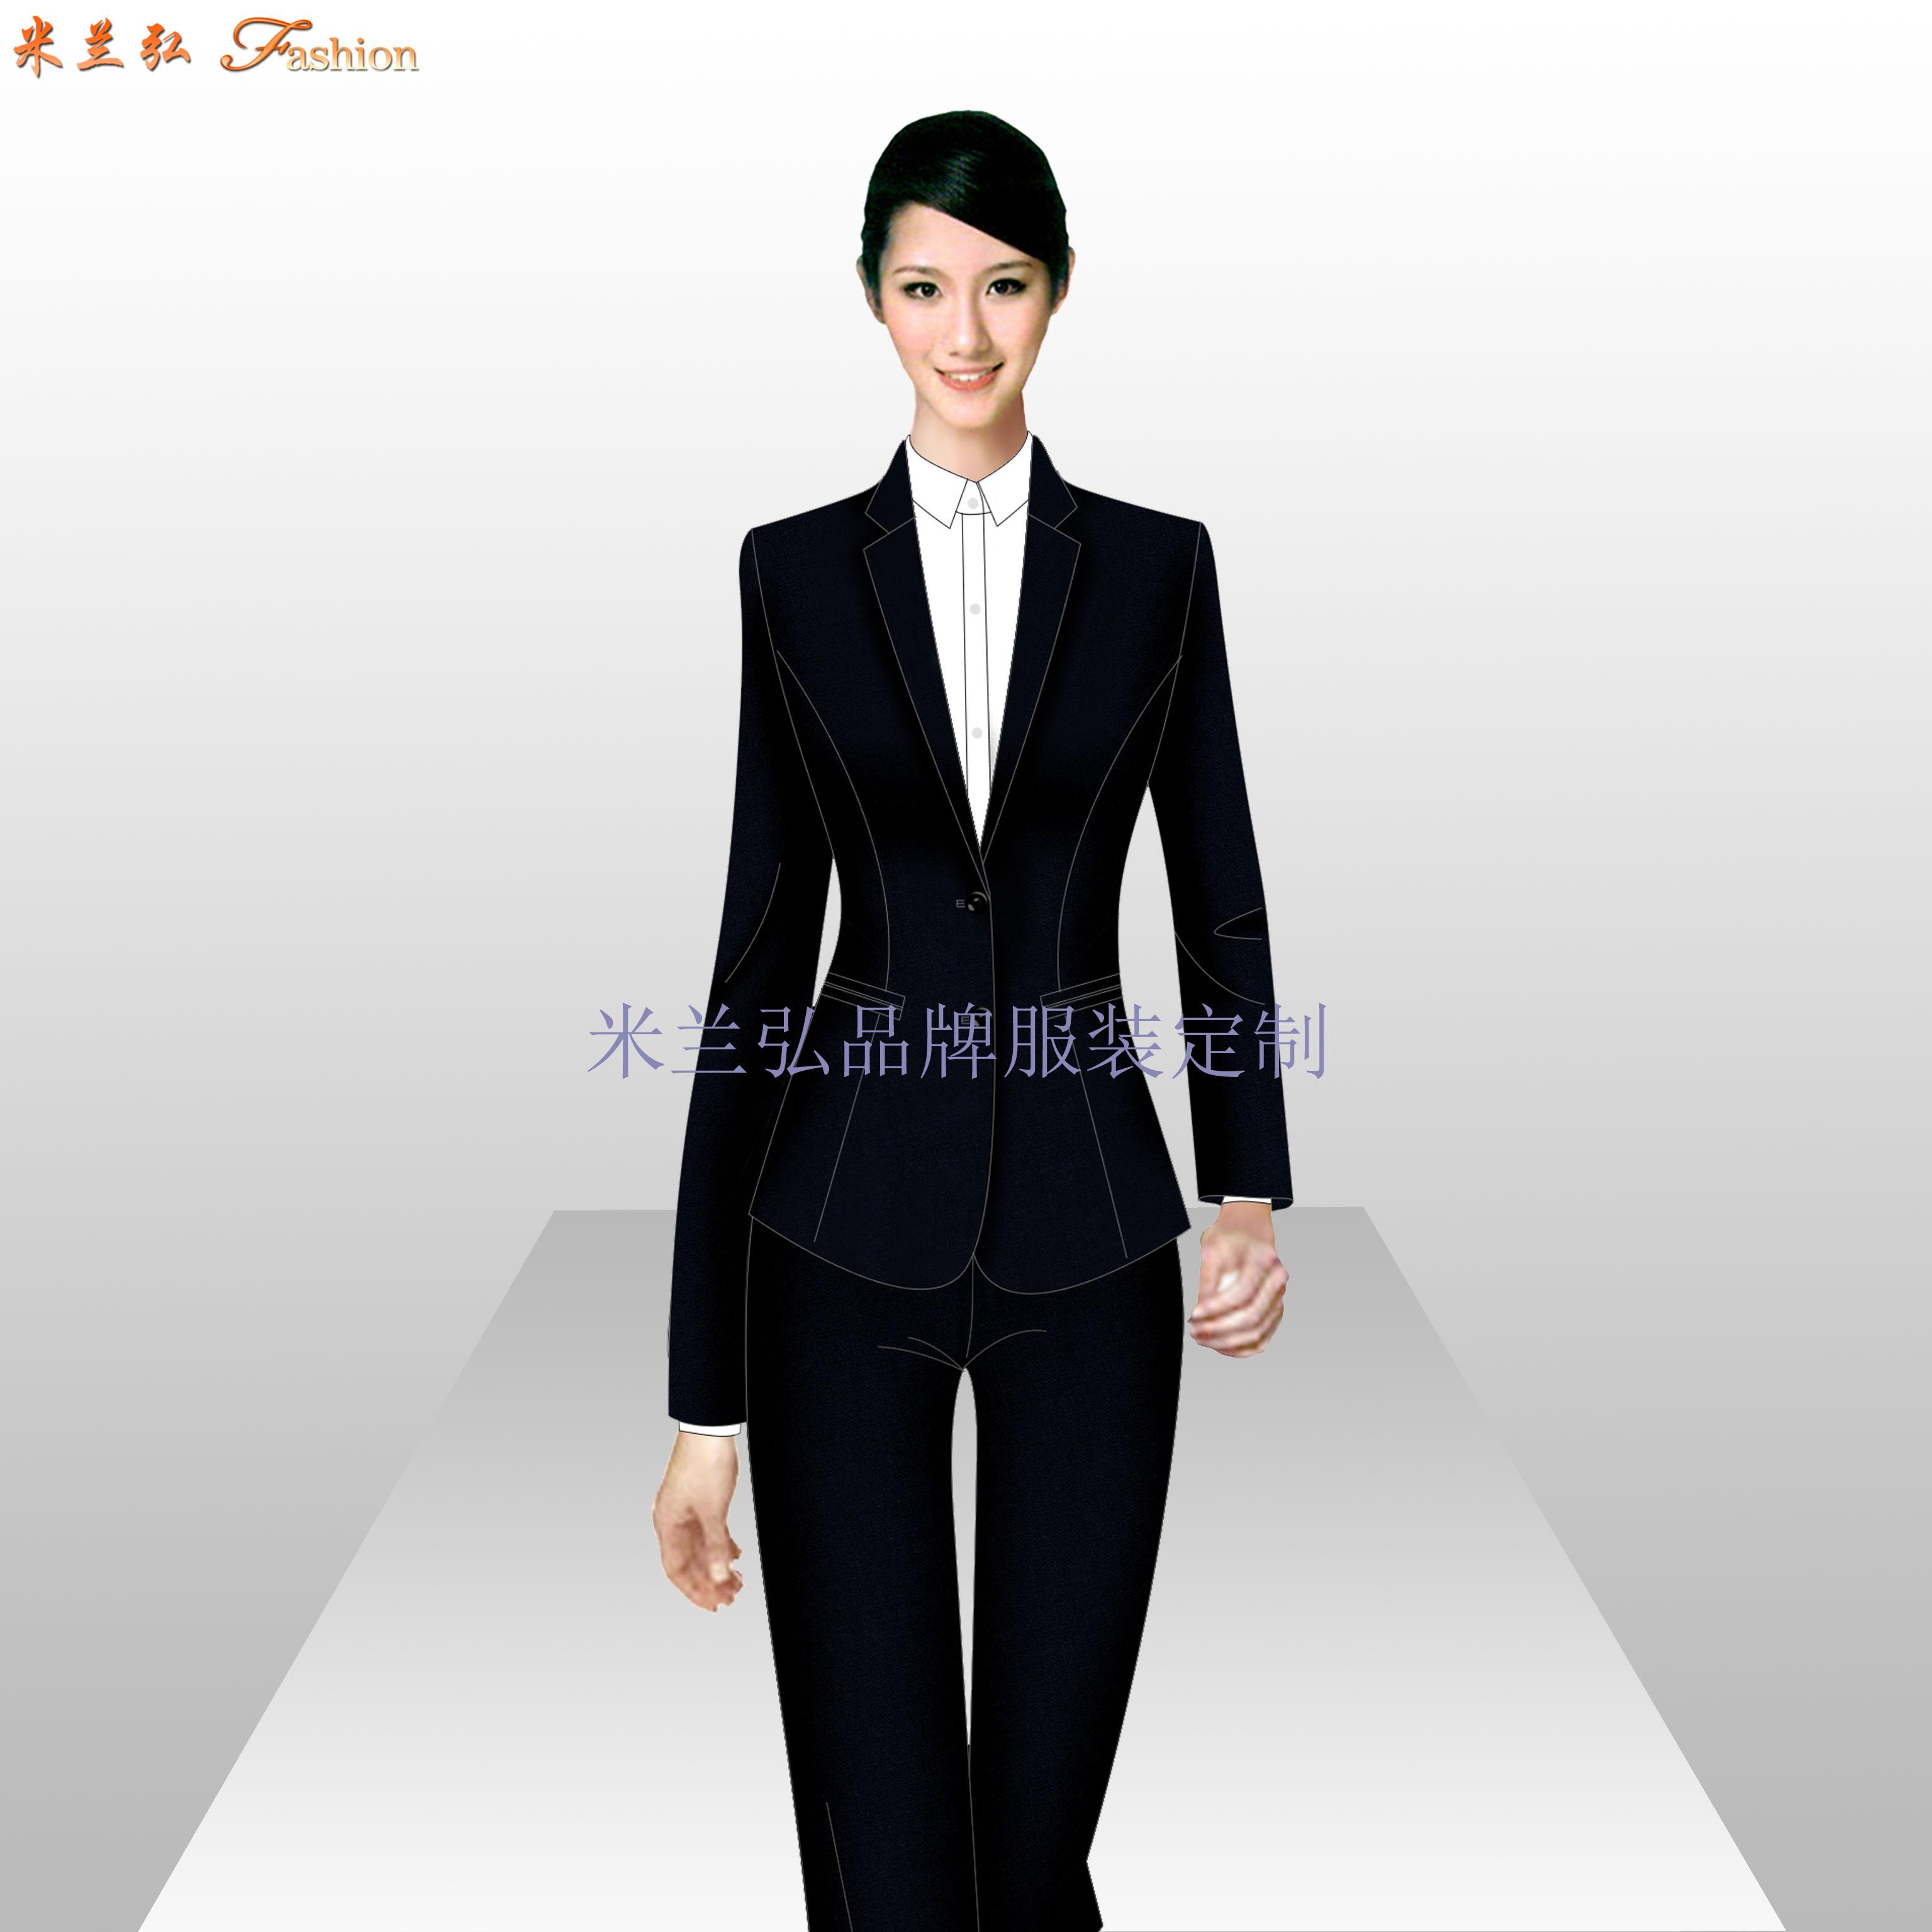 銀行服裝定做_金融機構正裝量身定制-米蘭弘服裝廠家-4